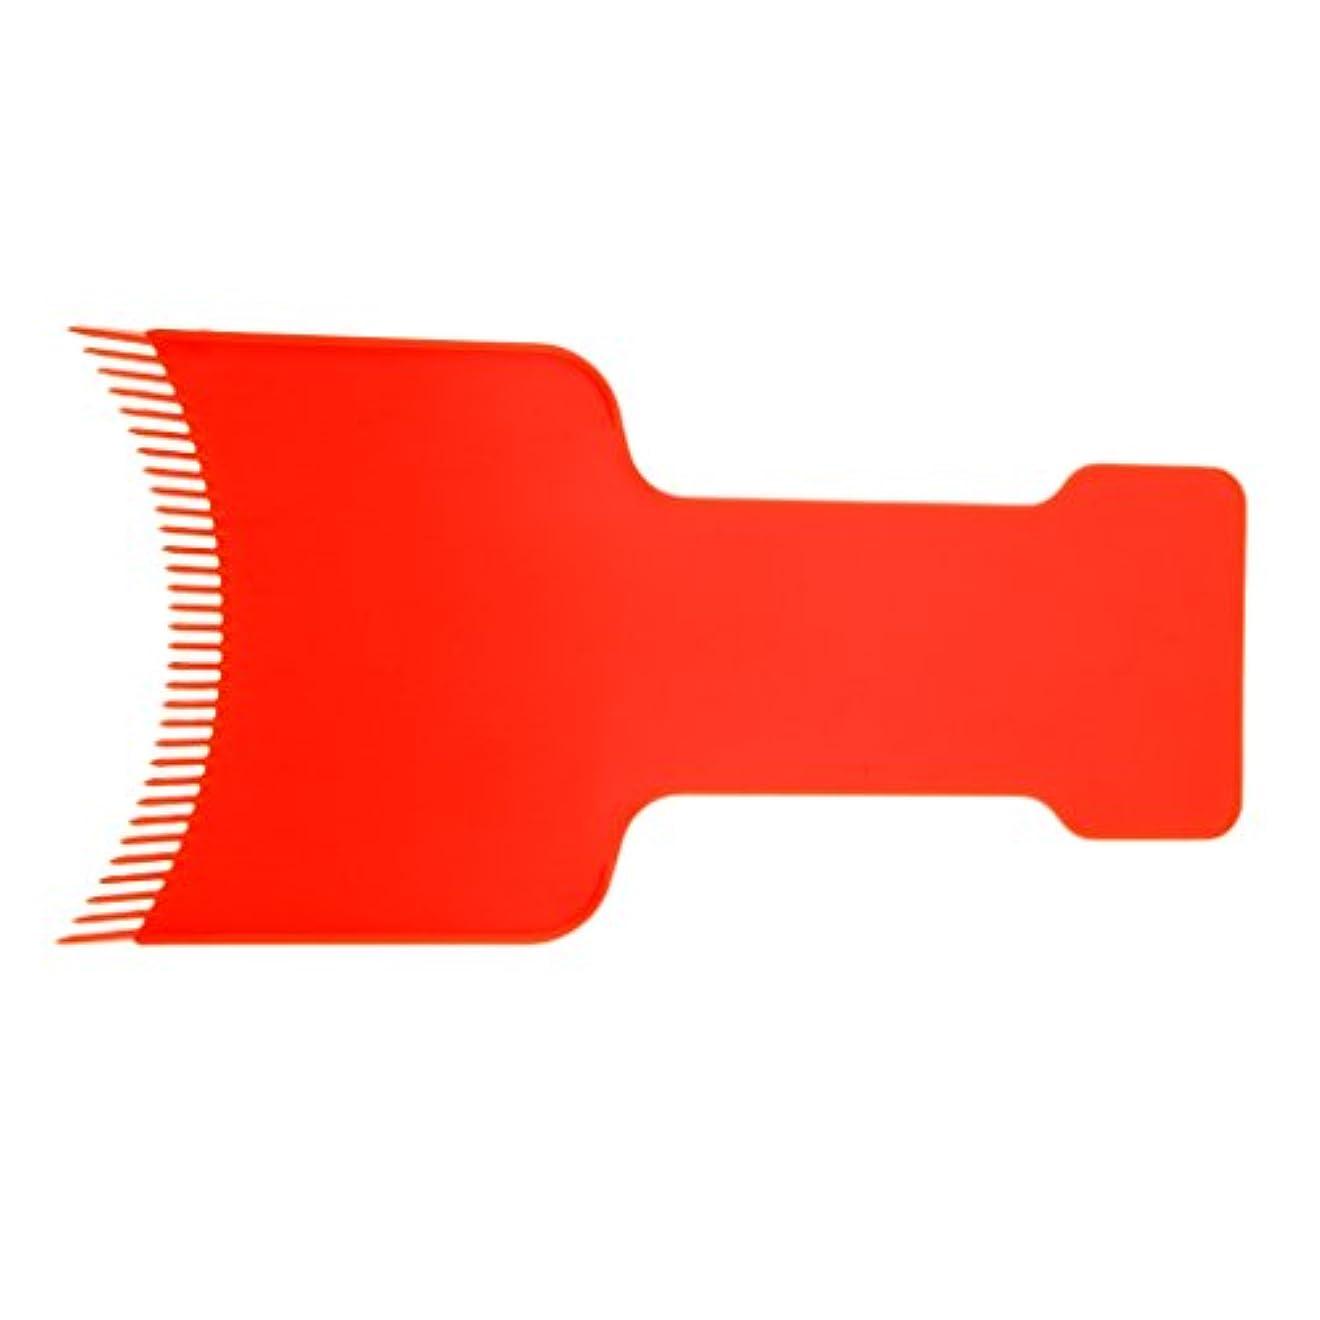 作り未払い起こりやすいToygogo サロンヘアカラーボード|染毛剤プレート|理髪理髪ヘアカラーボード19x9.5 Cm